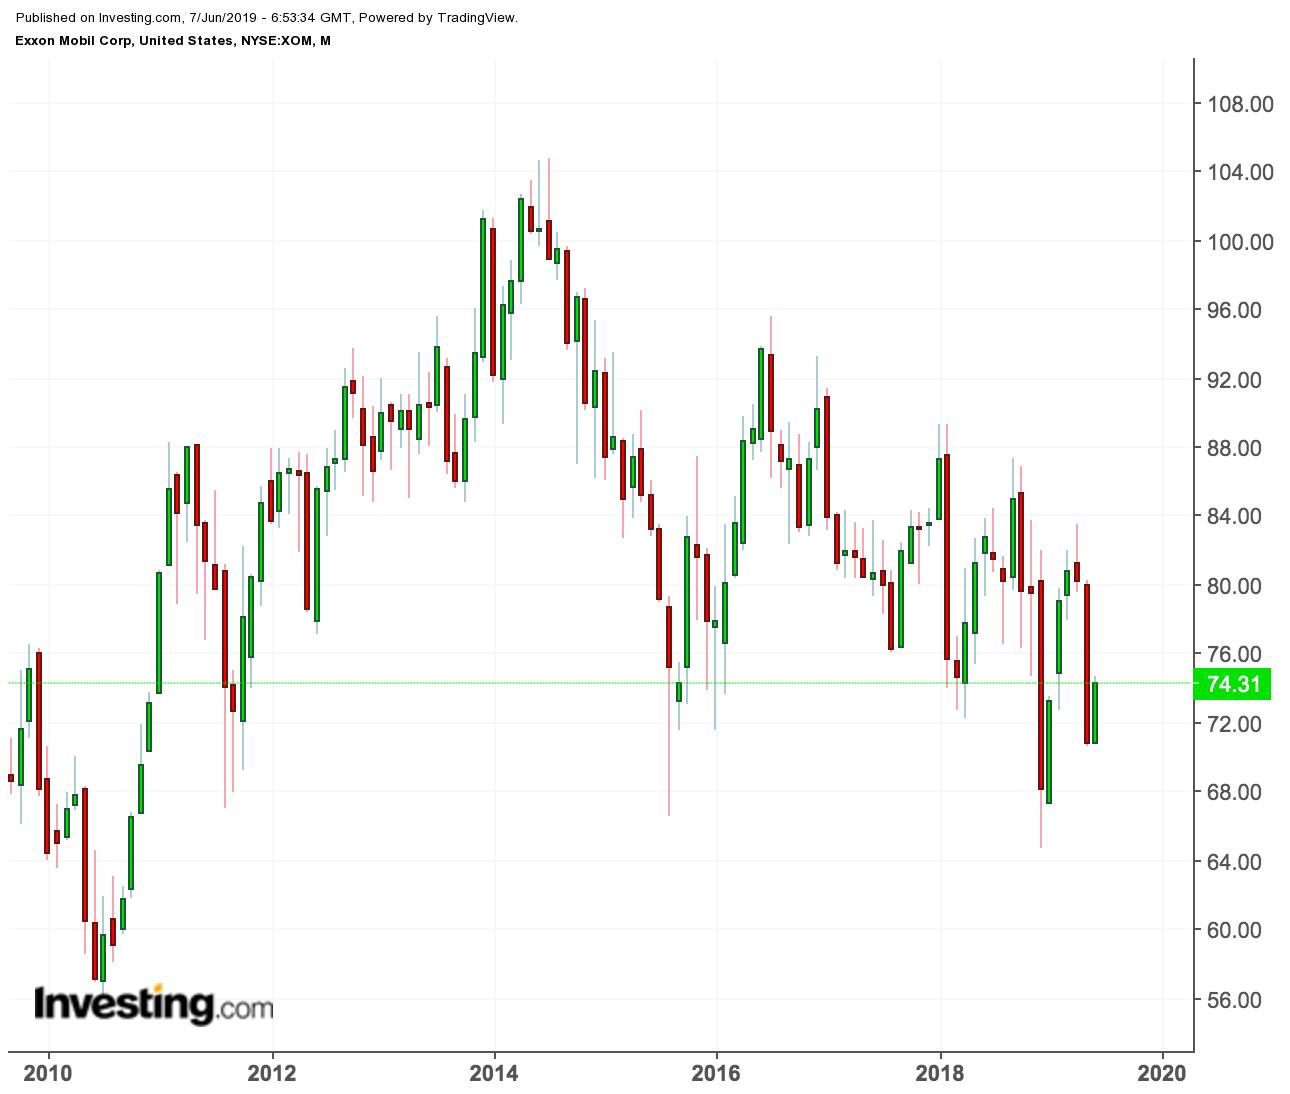 Exxon Mobil price chart